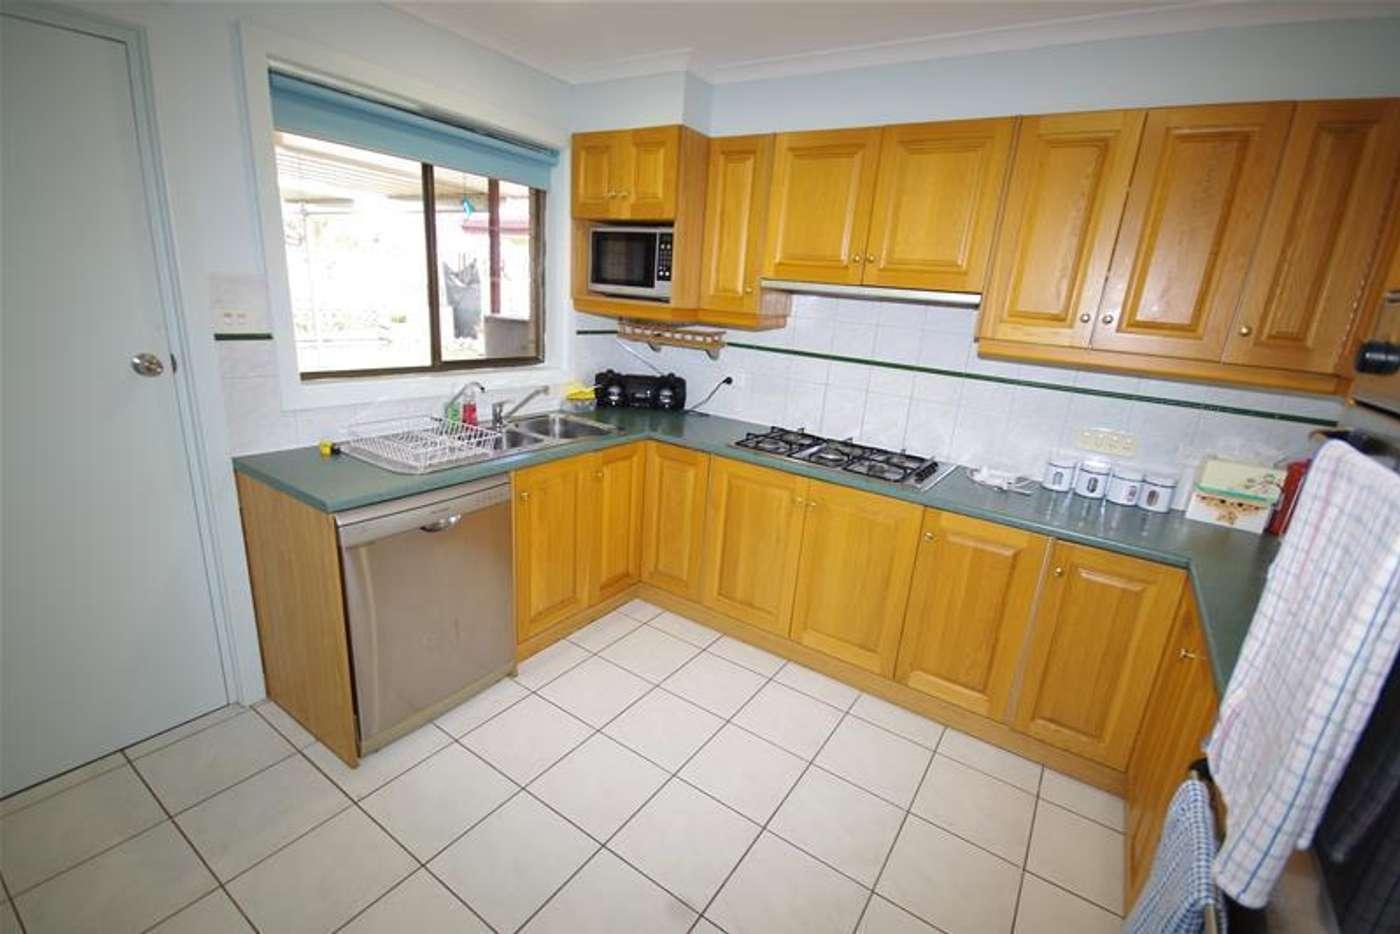 Sixth view of Homely house listing, 11/25 O'Halloran Parade, Edithburgh SA 5583